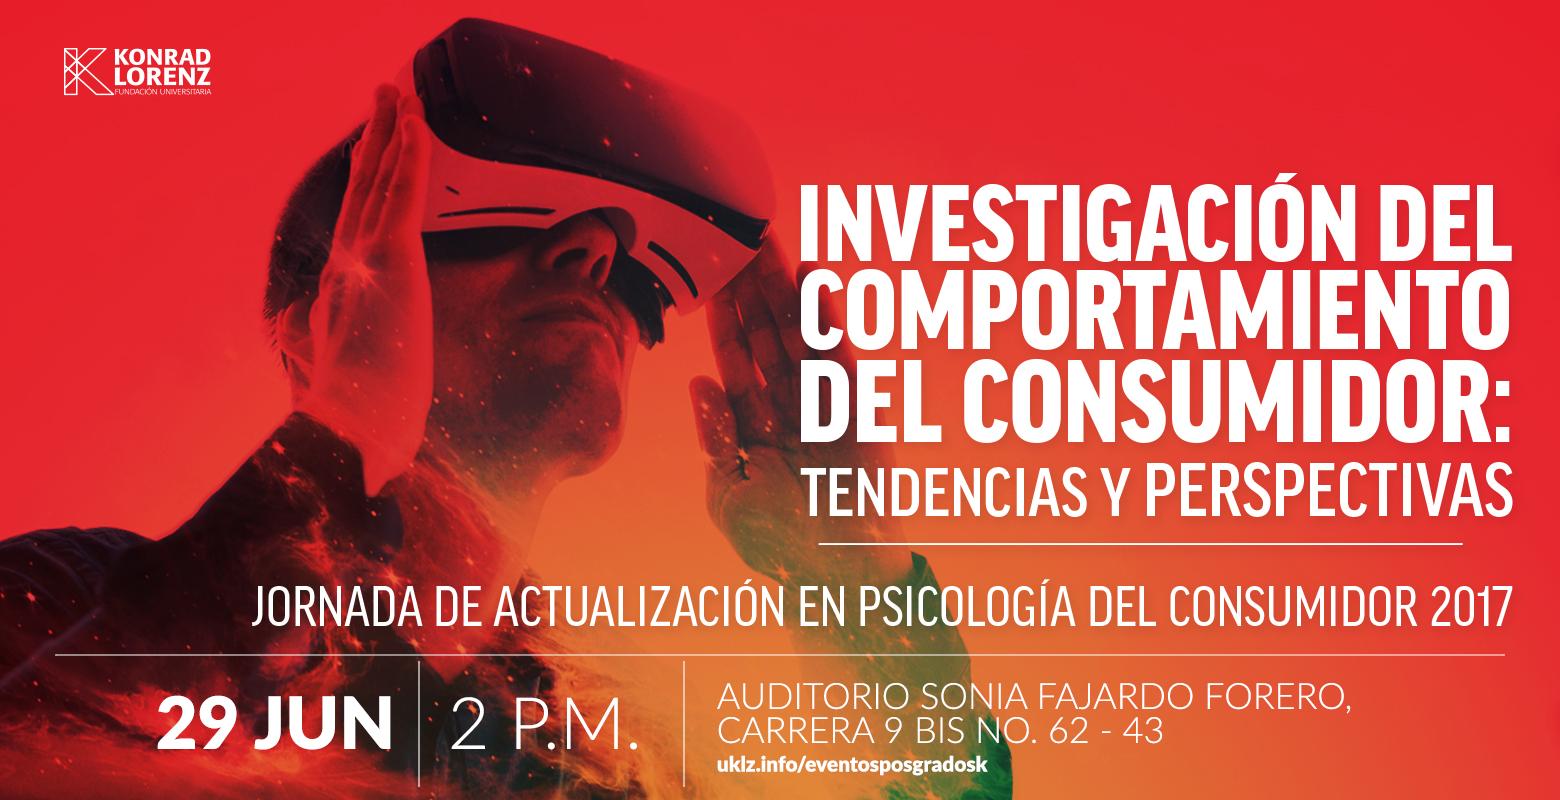 Investigación del Comportamiento del Consumidor: Tendencias y Perspectivas